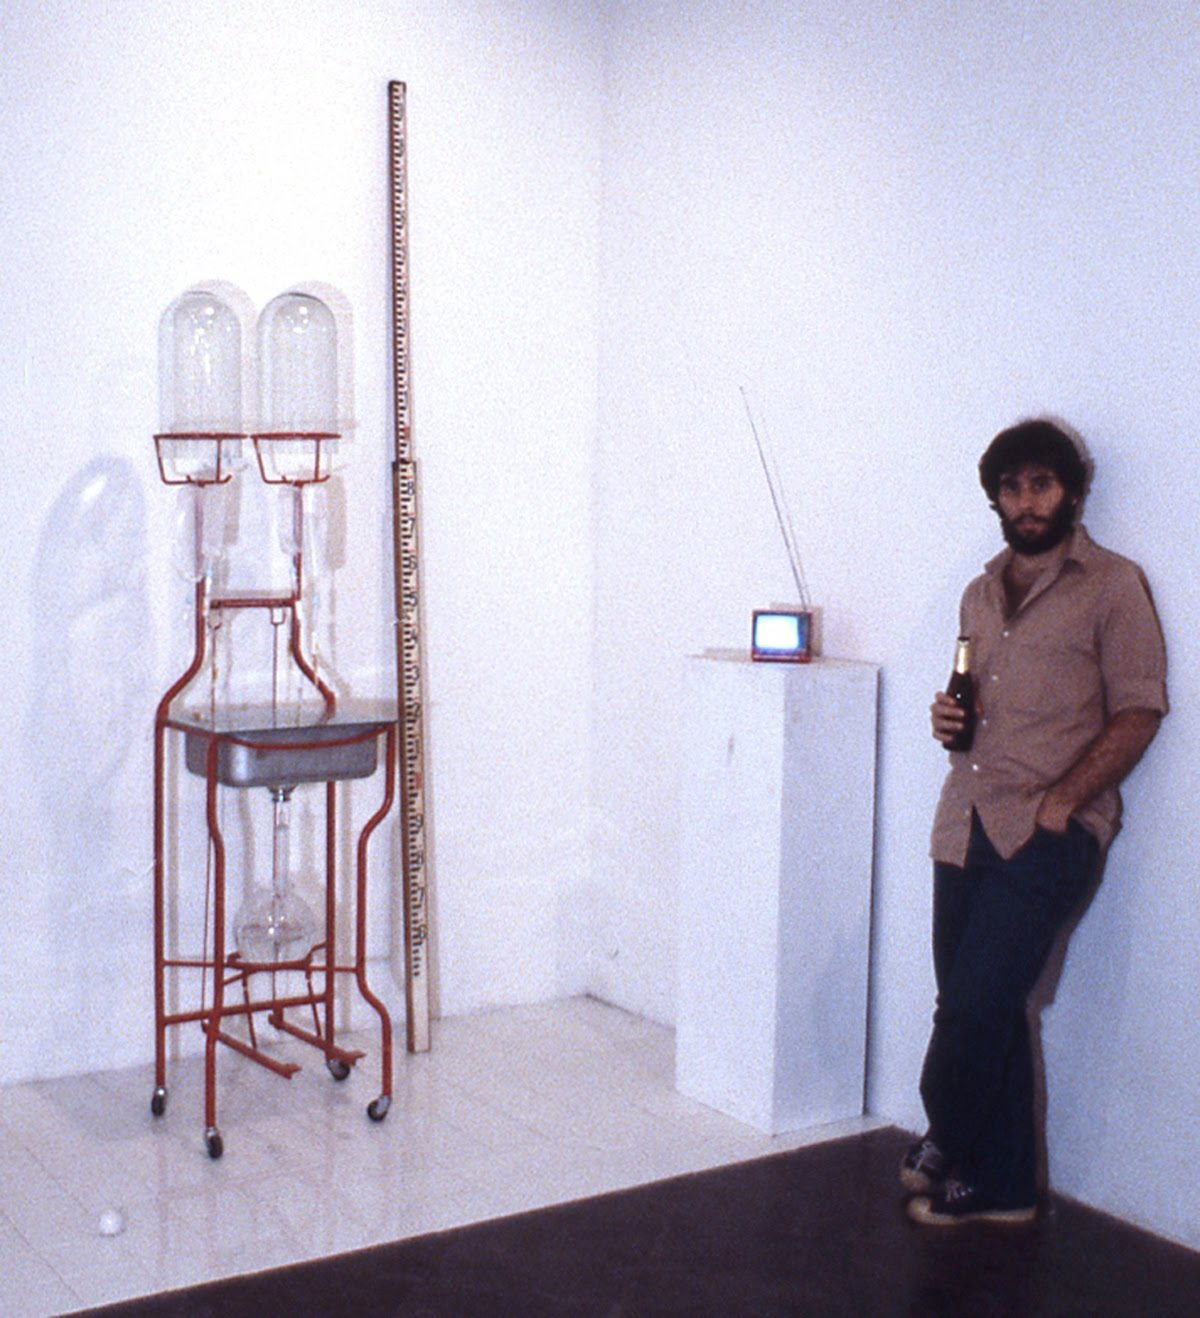 Dielectronhidromômetro EH 2803 série Adjetos 1987 Expo Galeria ArtEspaço